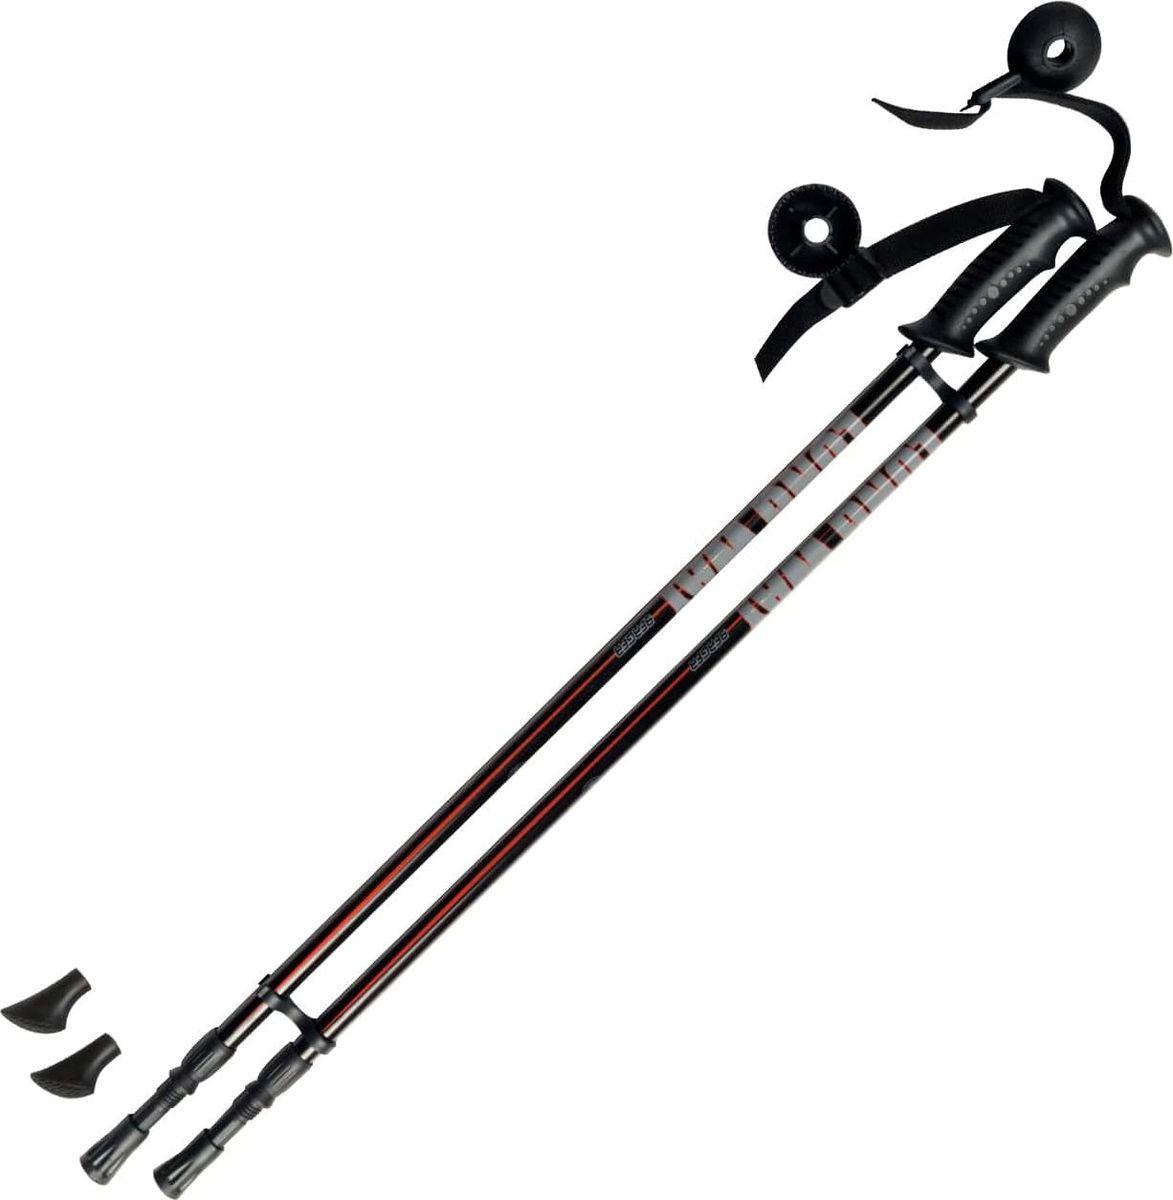 Палки для скандинавской ходьбы Berger  Longway , двухсекционные, цвет: черный, красный, 78-135 см, 2 шт - Скандинавская ходьба